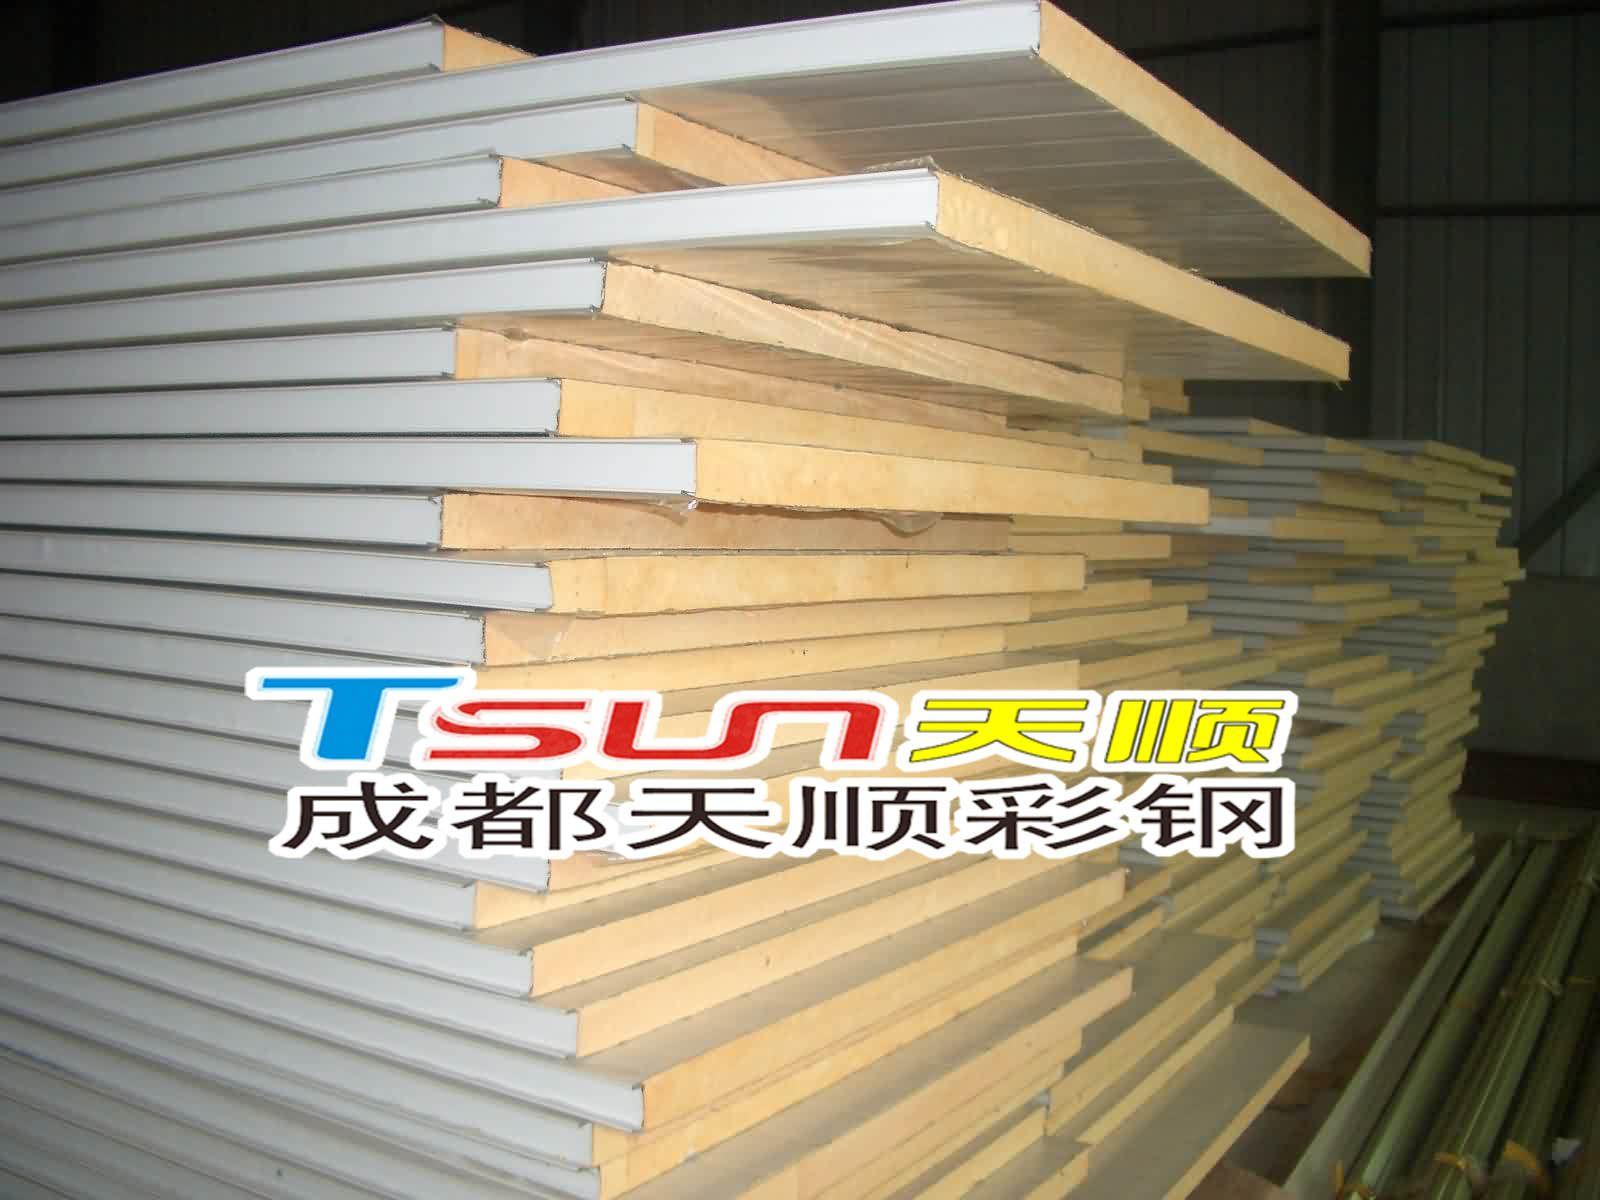 彩钢复合板,彩钢瓦楞板,成都彩钢,四川彩钢,天顺彩钢